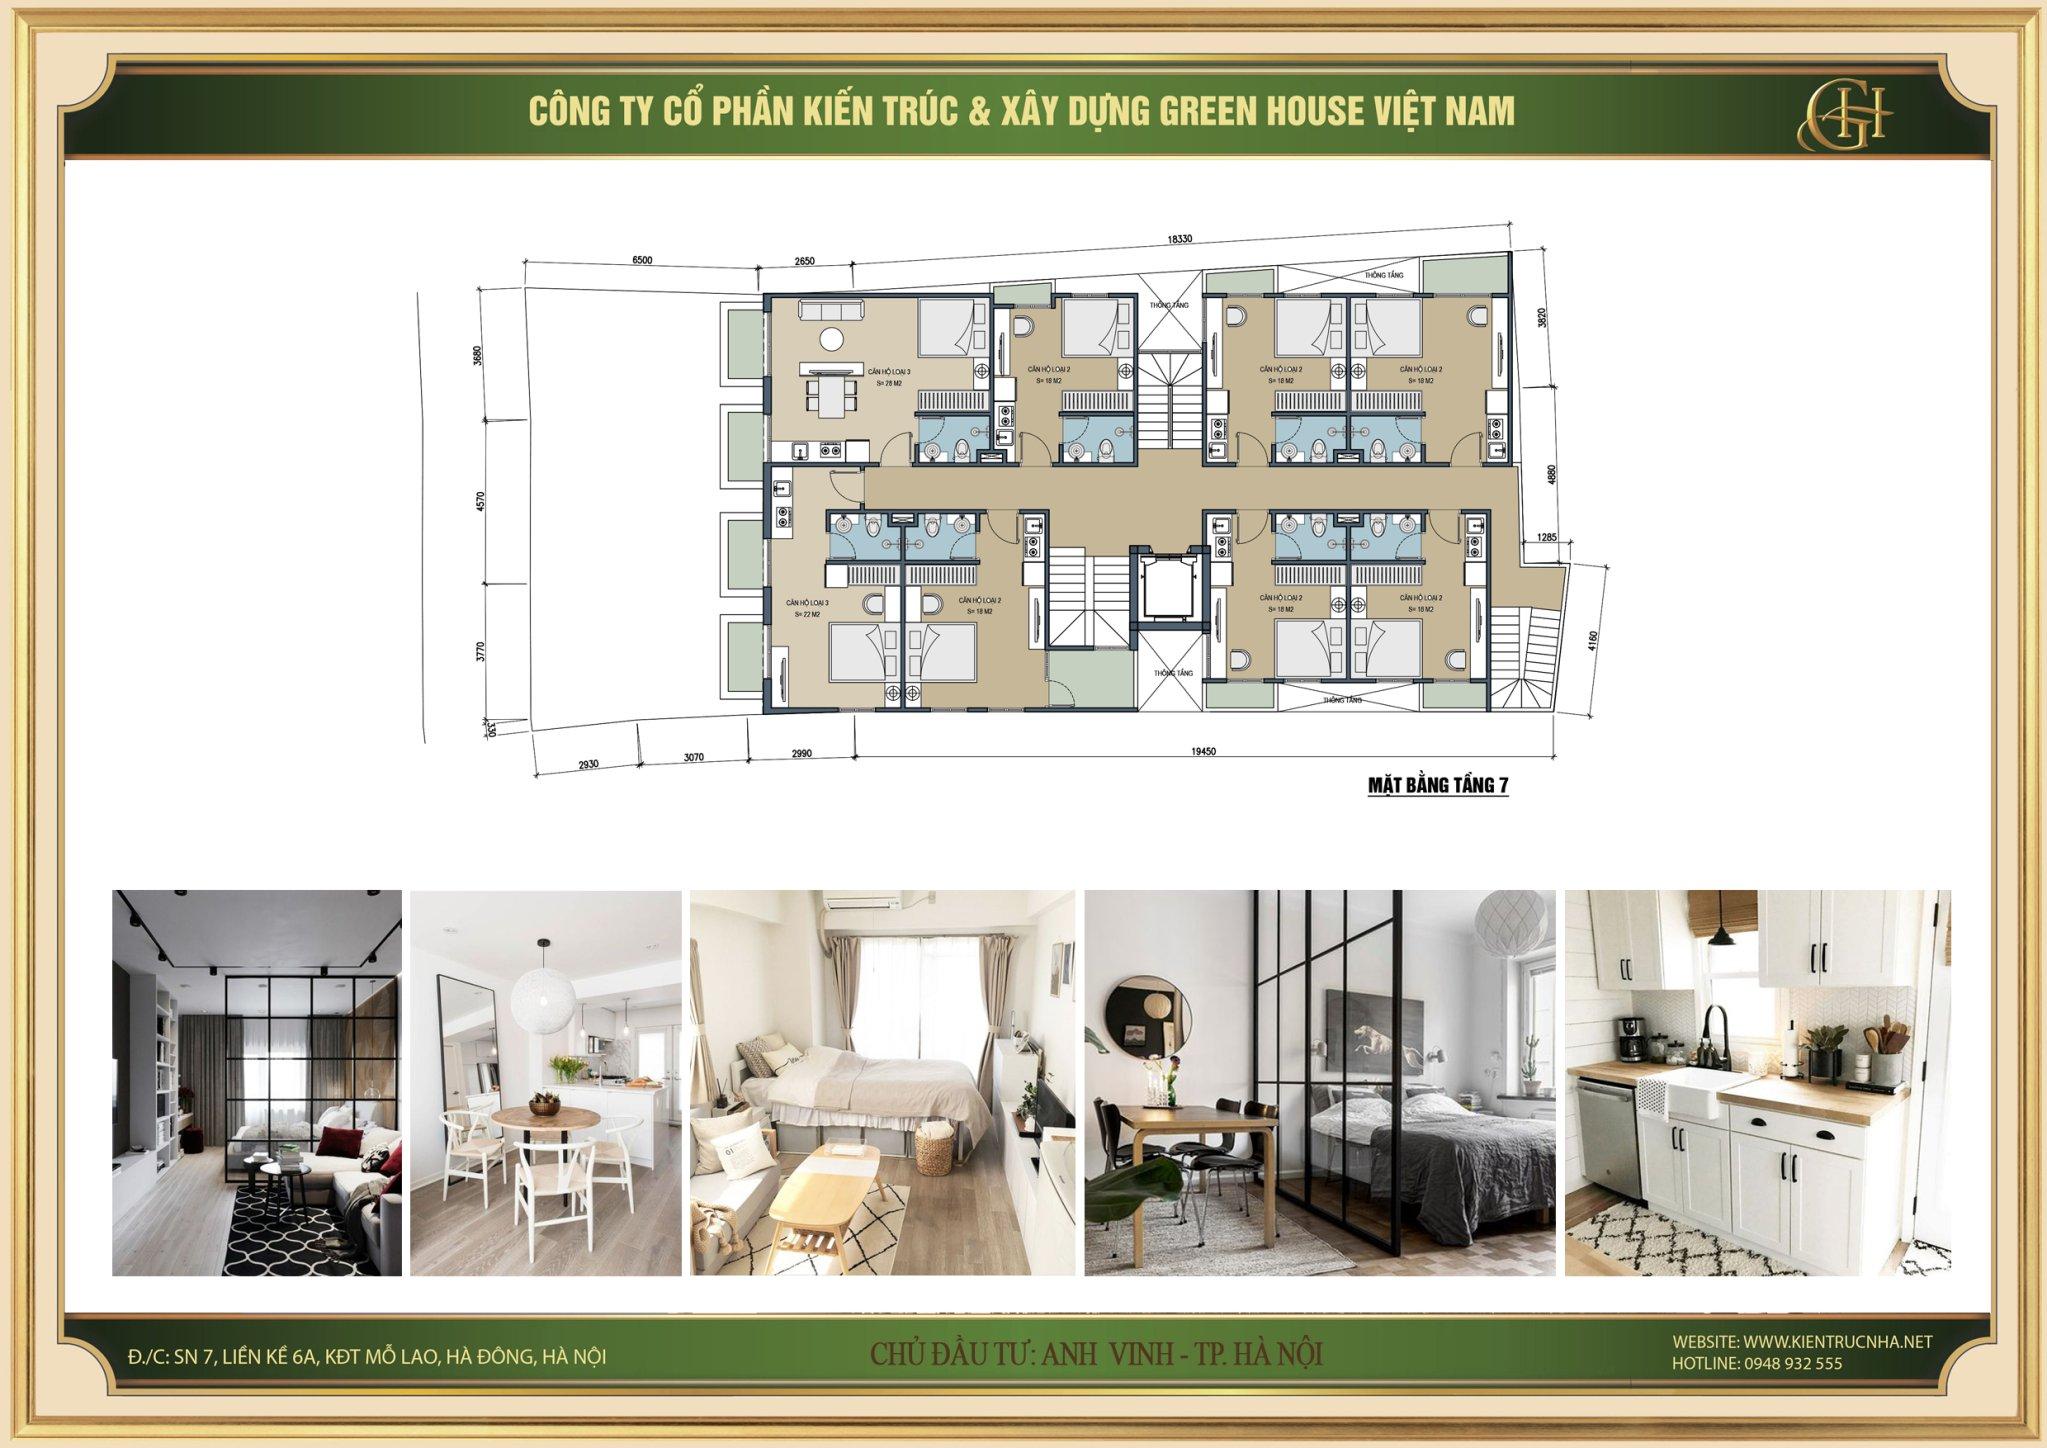 Thiết kế mặt bằng tầng 7 của căn hộ cho thuê 9 tầng tại Hà Nội